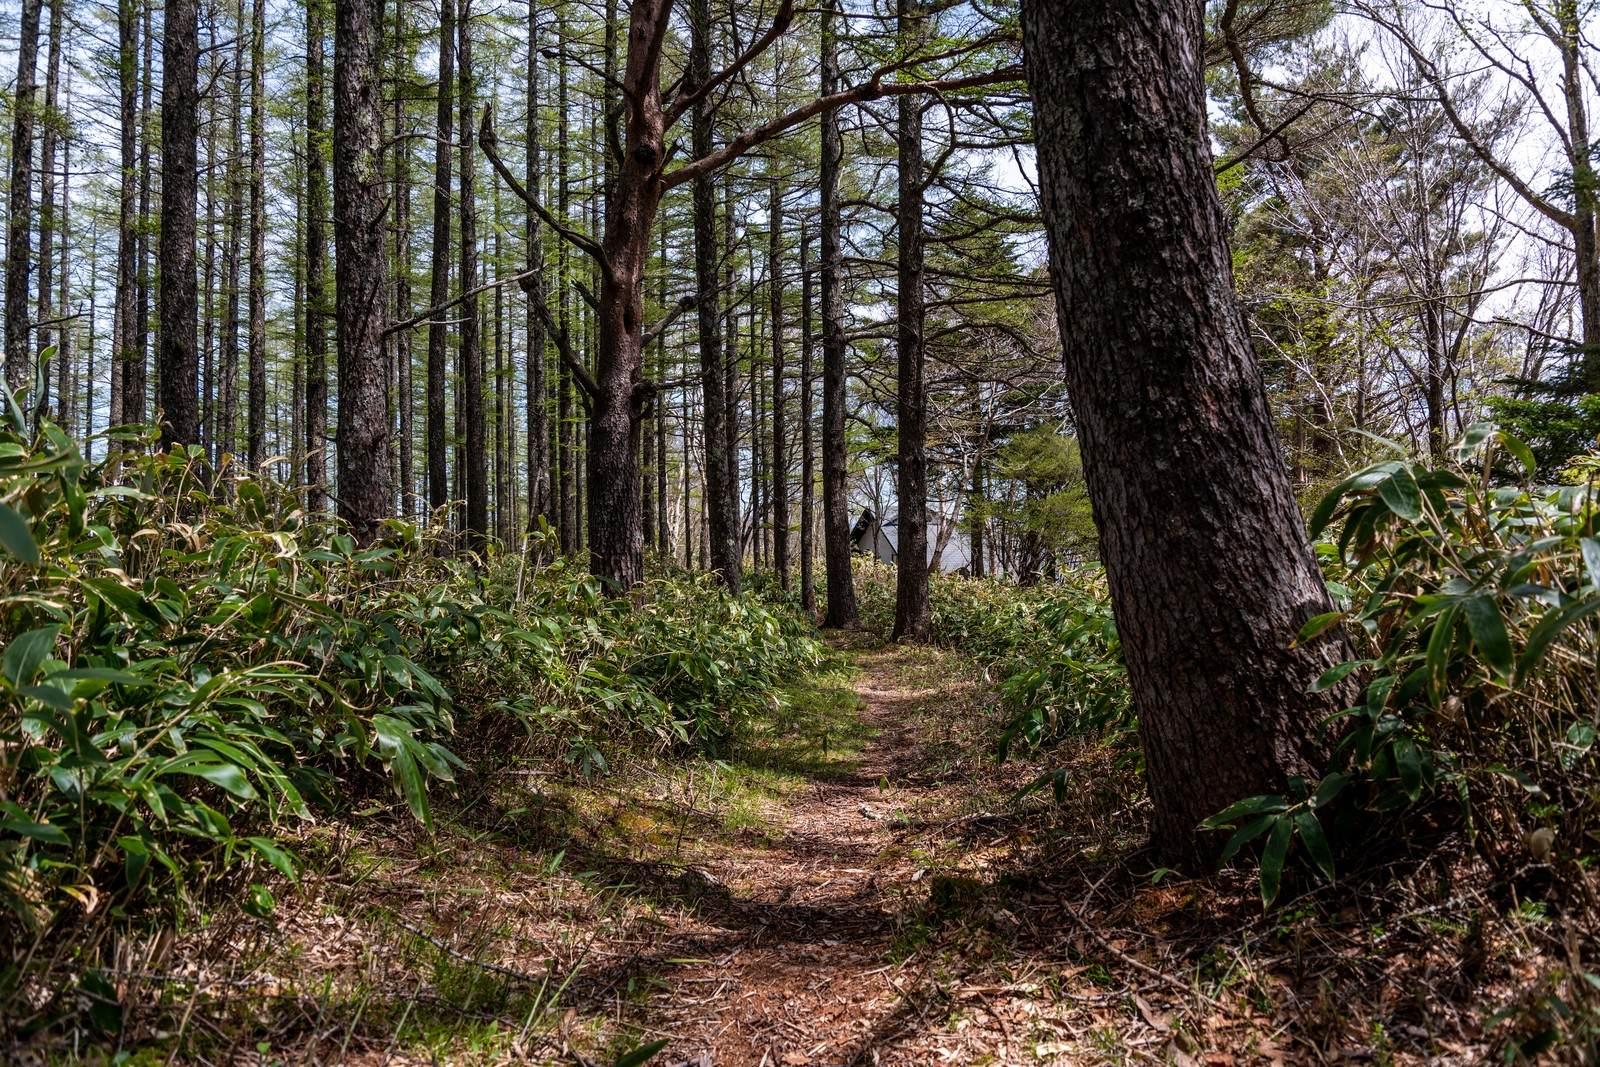 山にまつわる怖い話『奈良県の山での出来事』|洒落怖・山の怪談